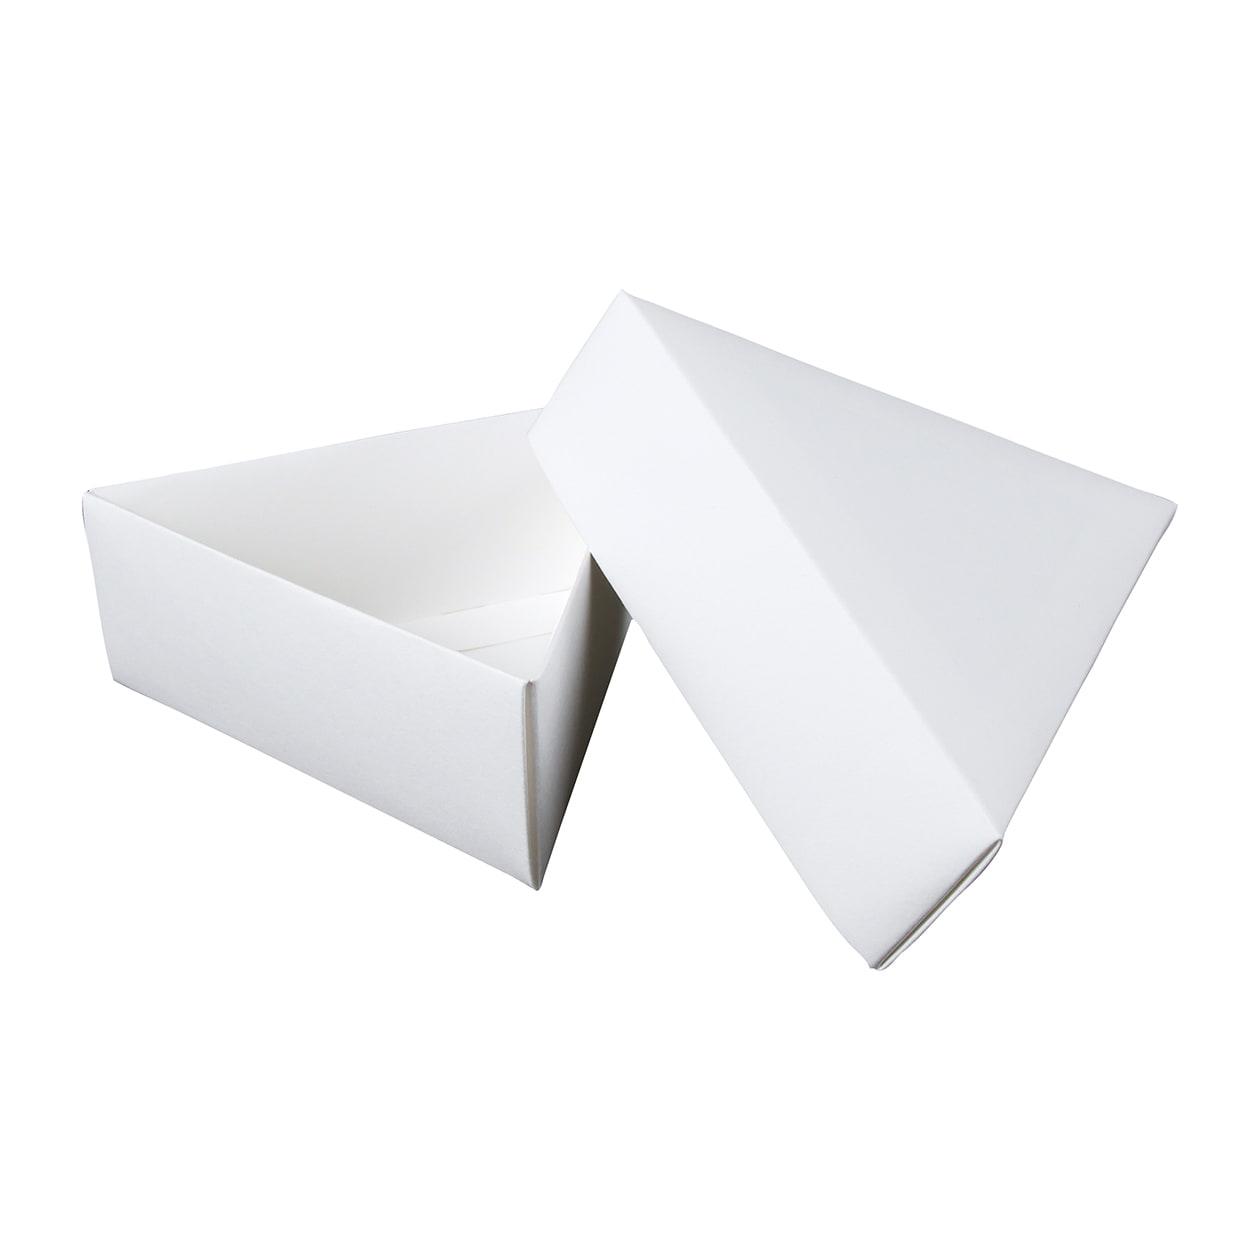 組箱 三角形97×84×38 コットン スノーホワイト 232.8g